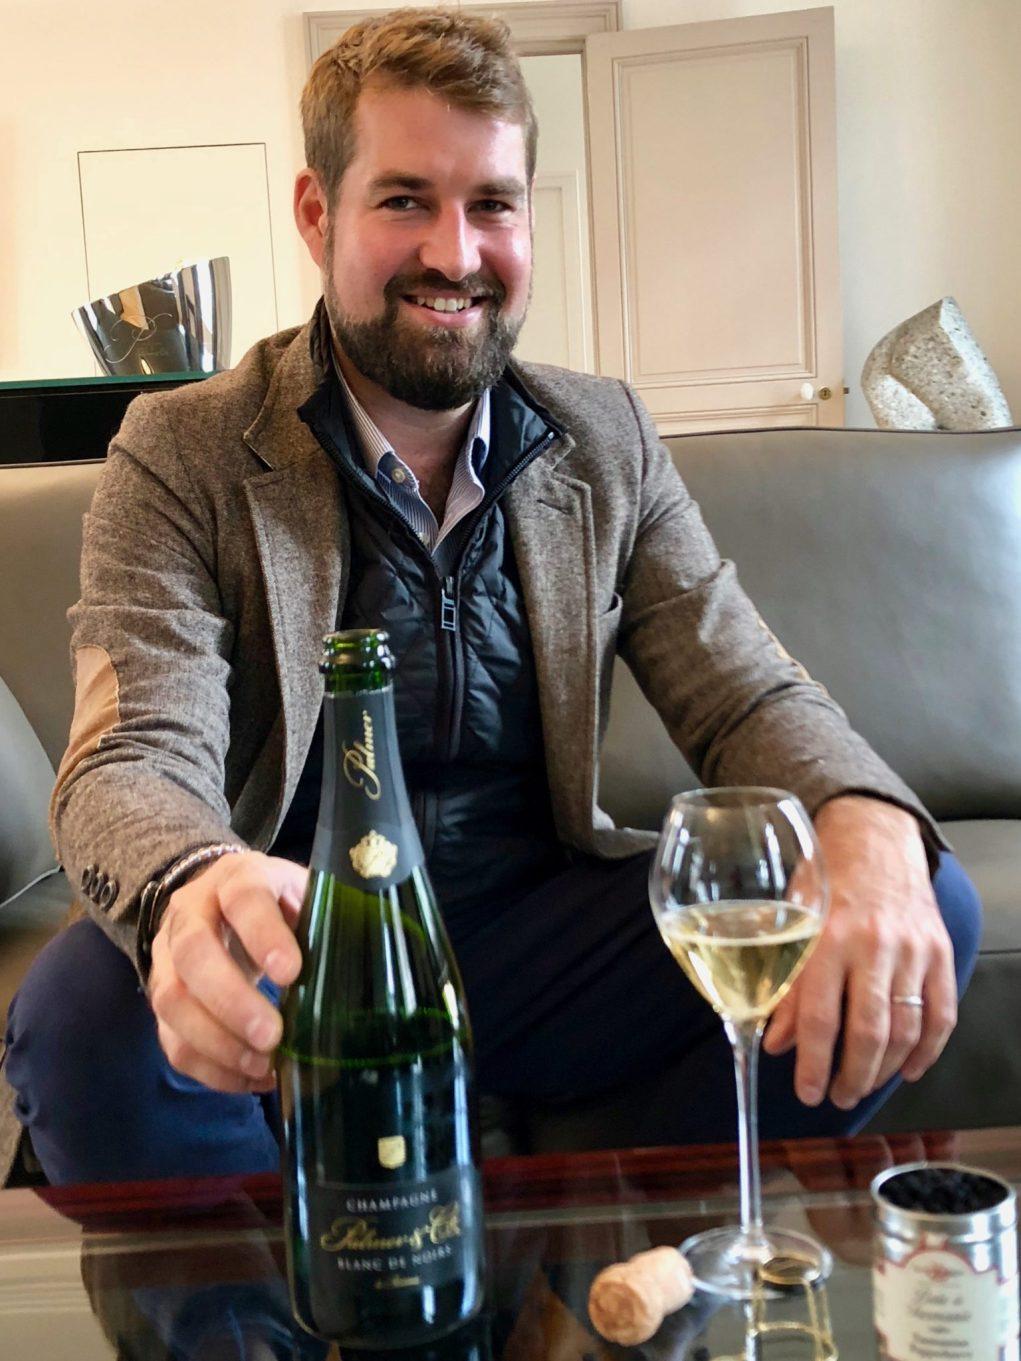 Présentation du nouveau Blanc de noirs du champagne Palmer & Co.